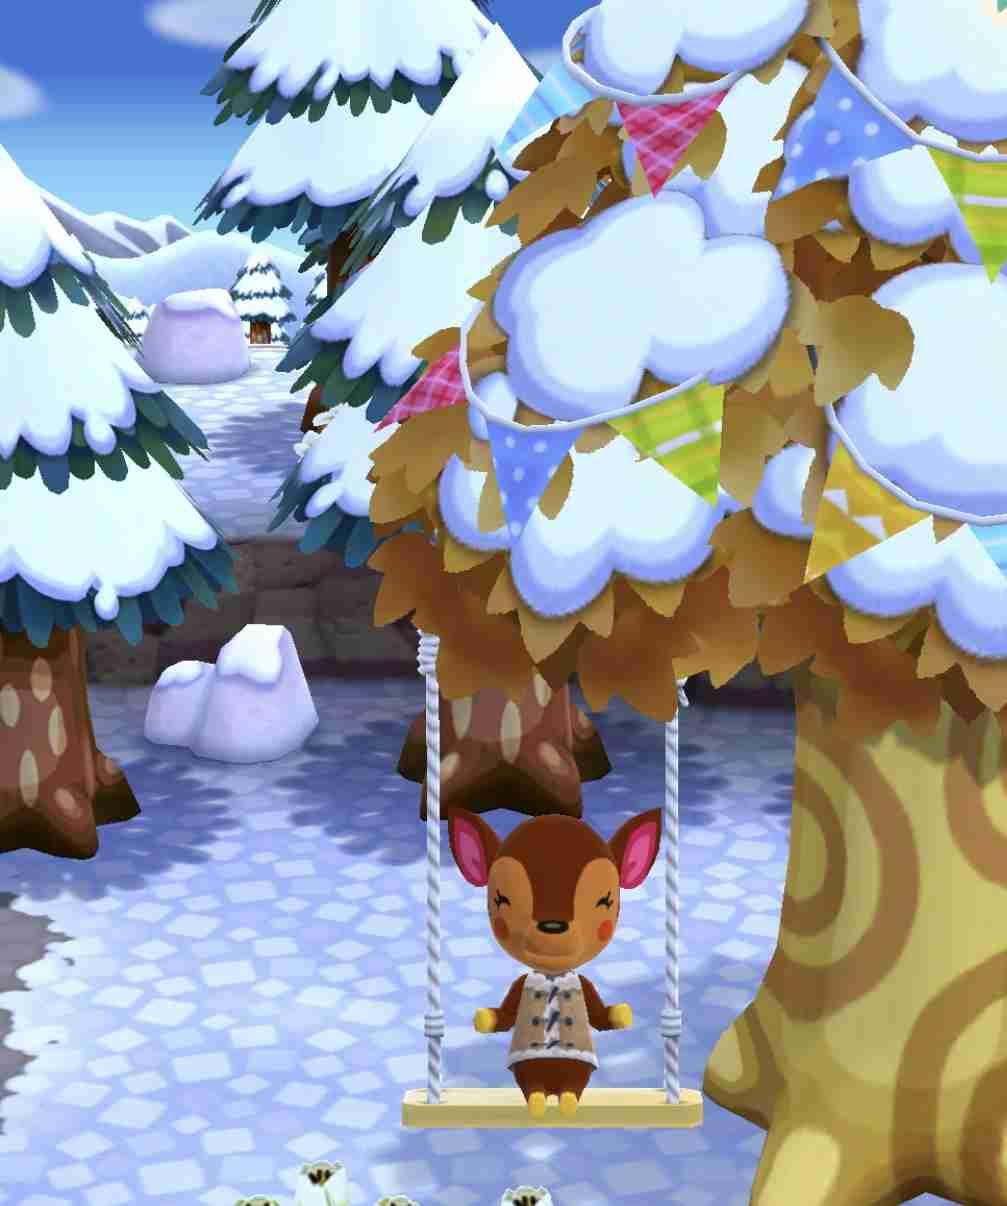 「どうぶつの森 ポケットキャンプ」、新要素「ガーデン」「衣装クラフト」を発表 そしてこのシルエットは……?